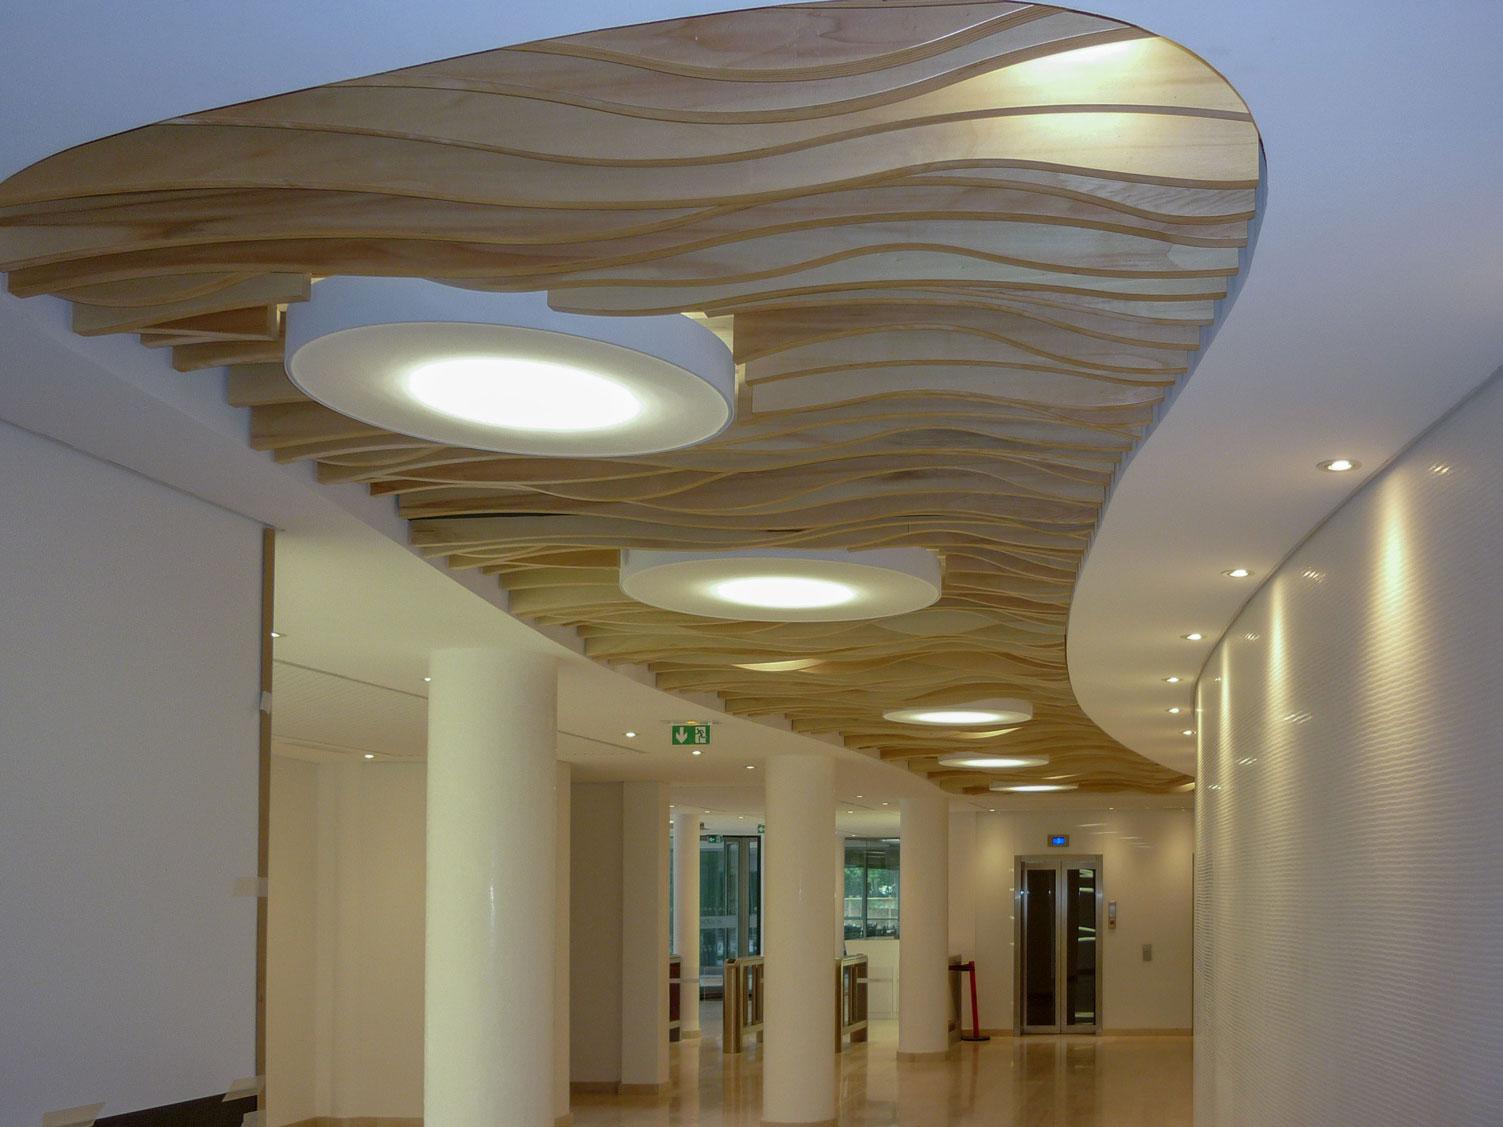 Langlois Sobreti Paris Solaris Plafonds Suspendus Interieurs Plafonds Bois